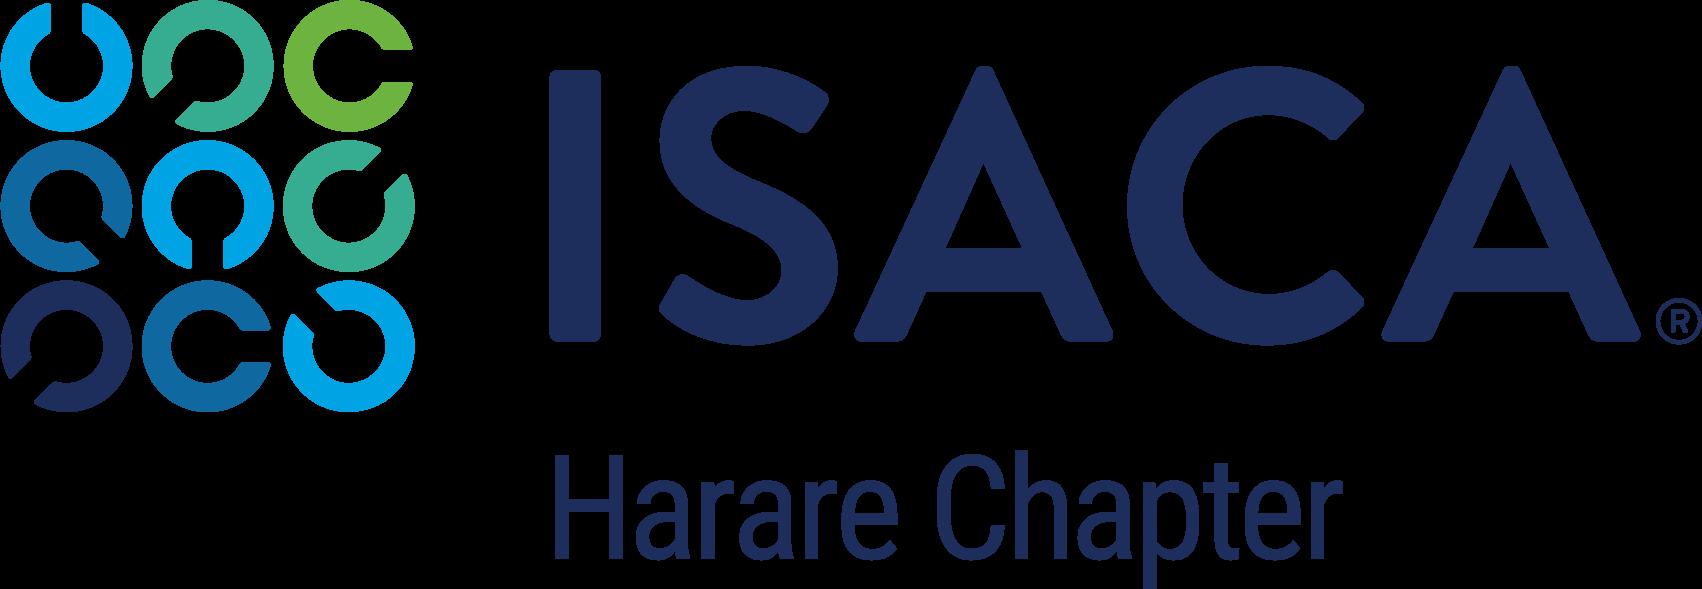 ISACA Harare Chapter